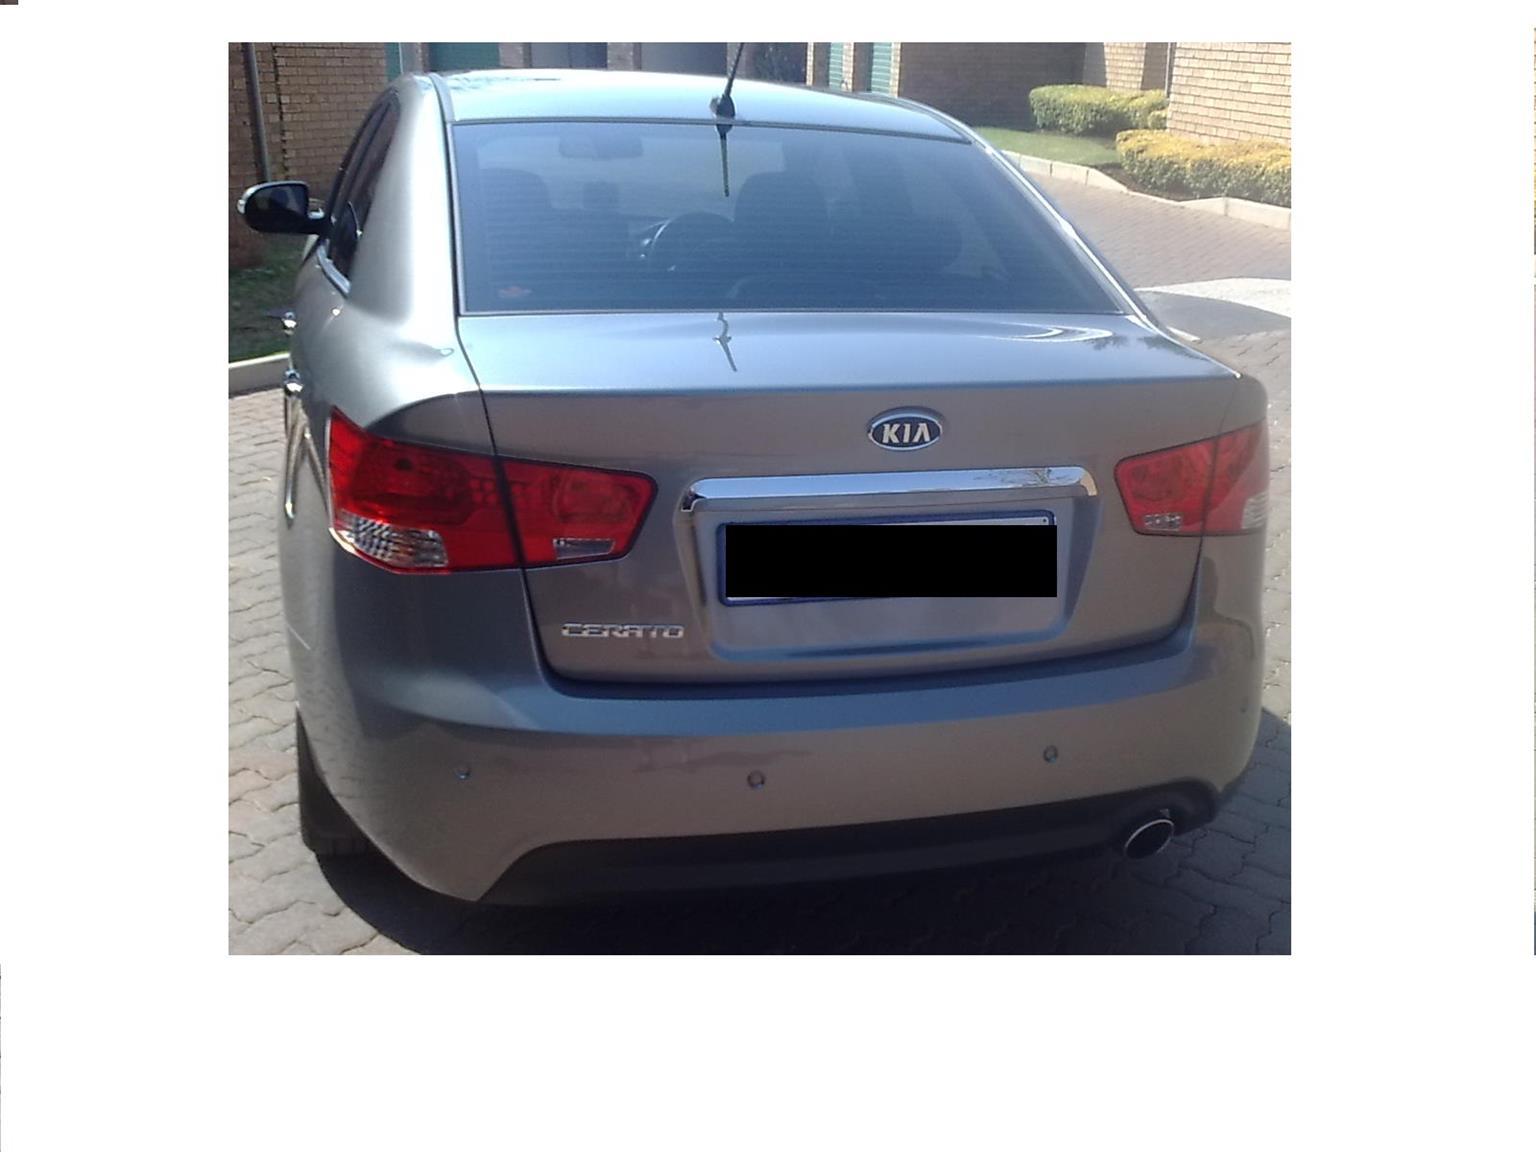 2010 Kia Cerato sedan 2.0 EX